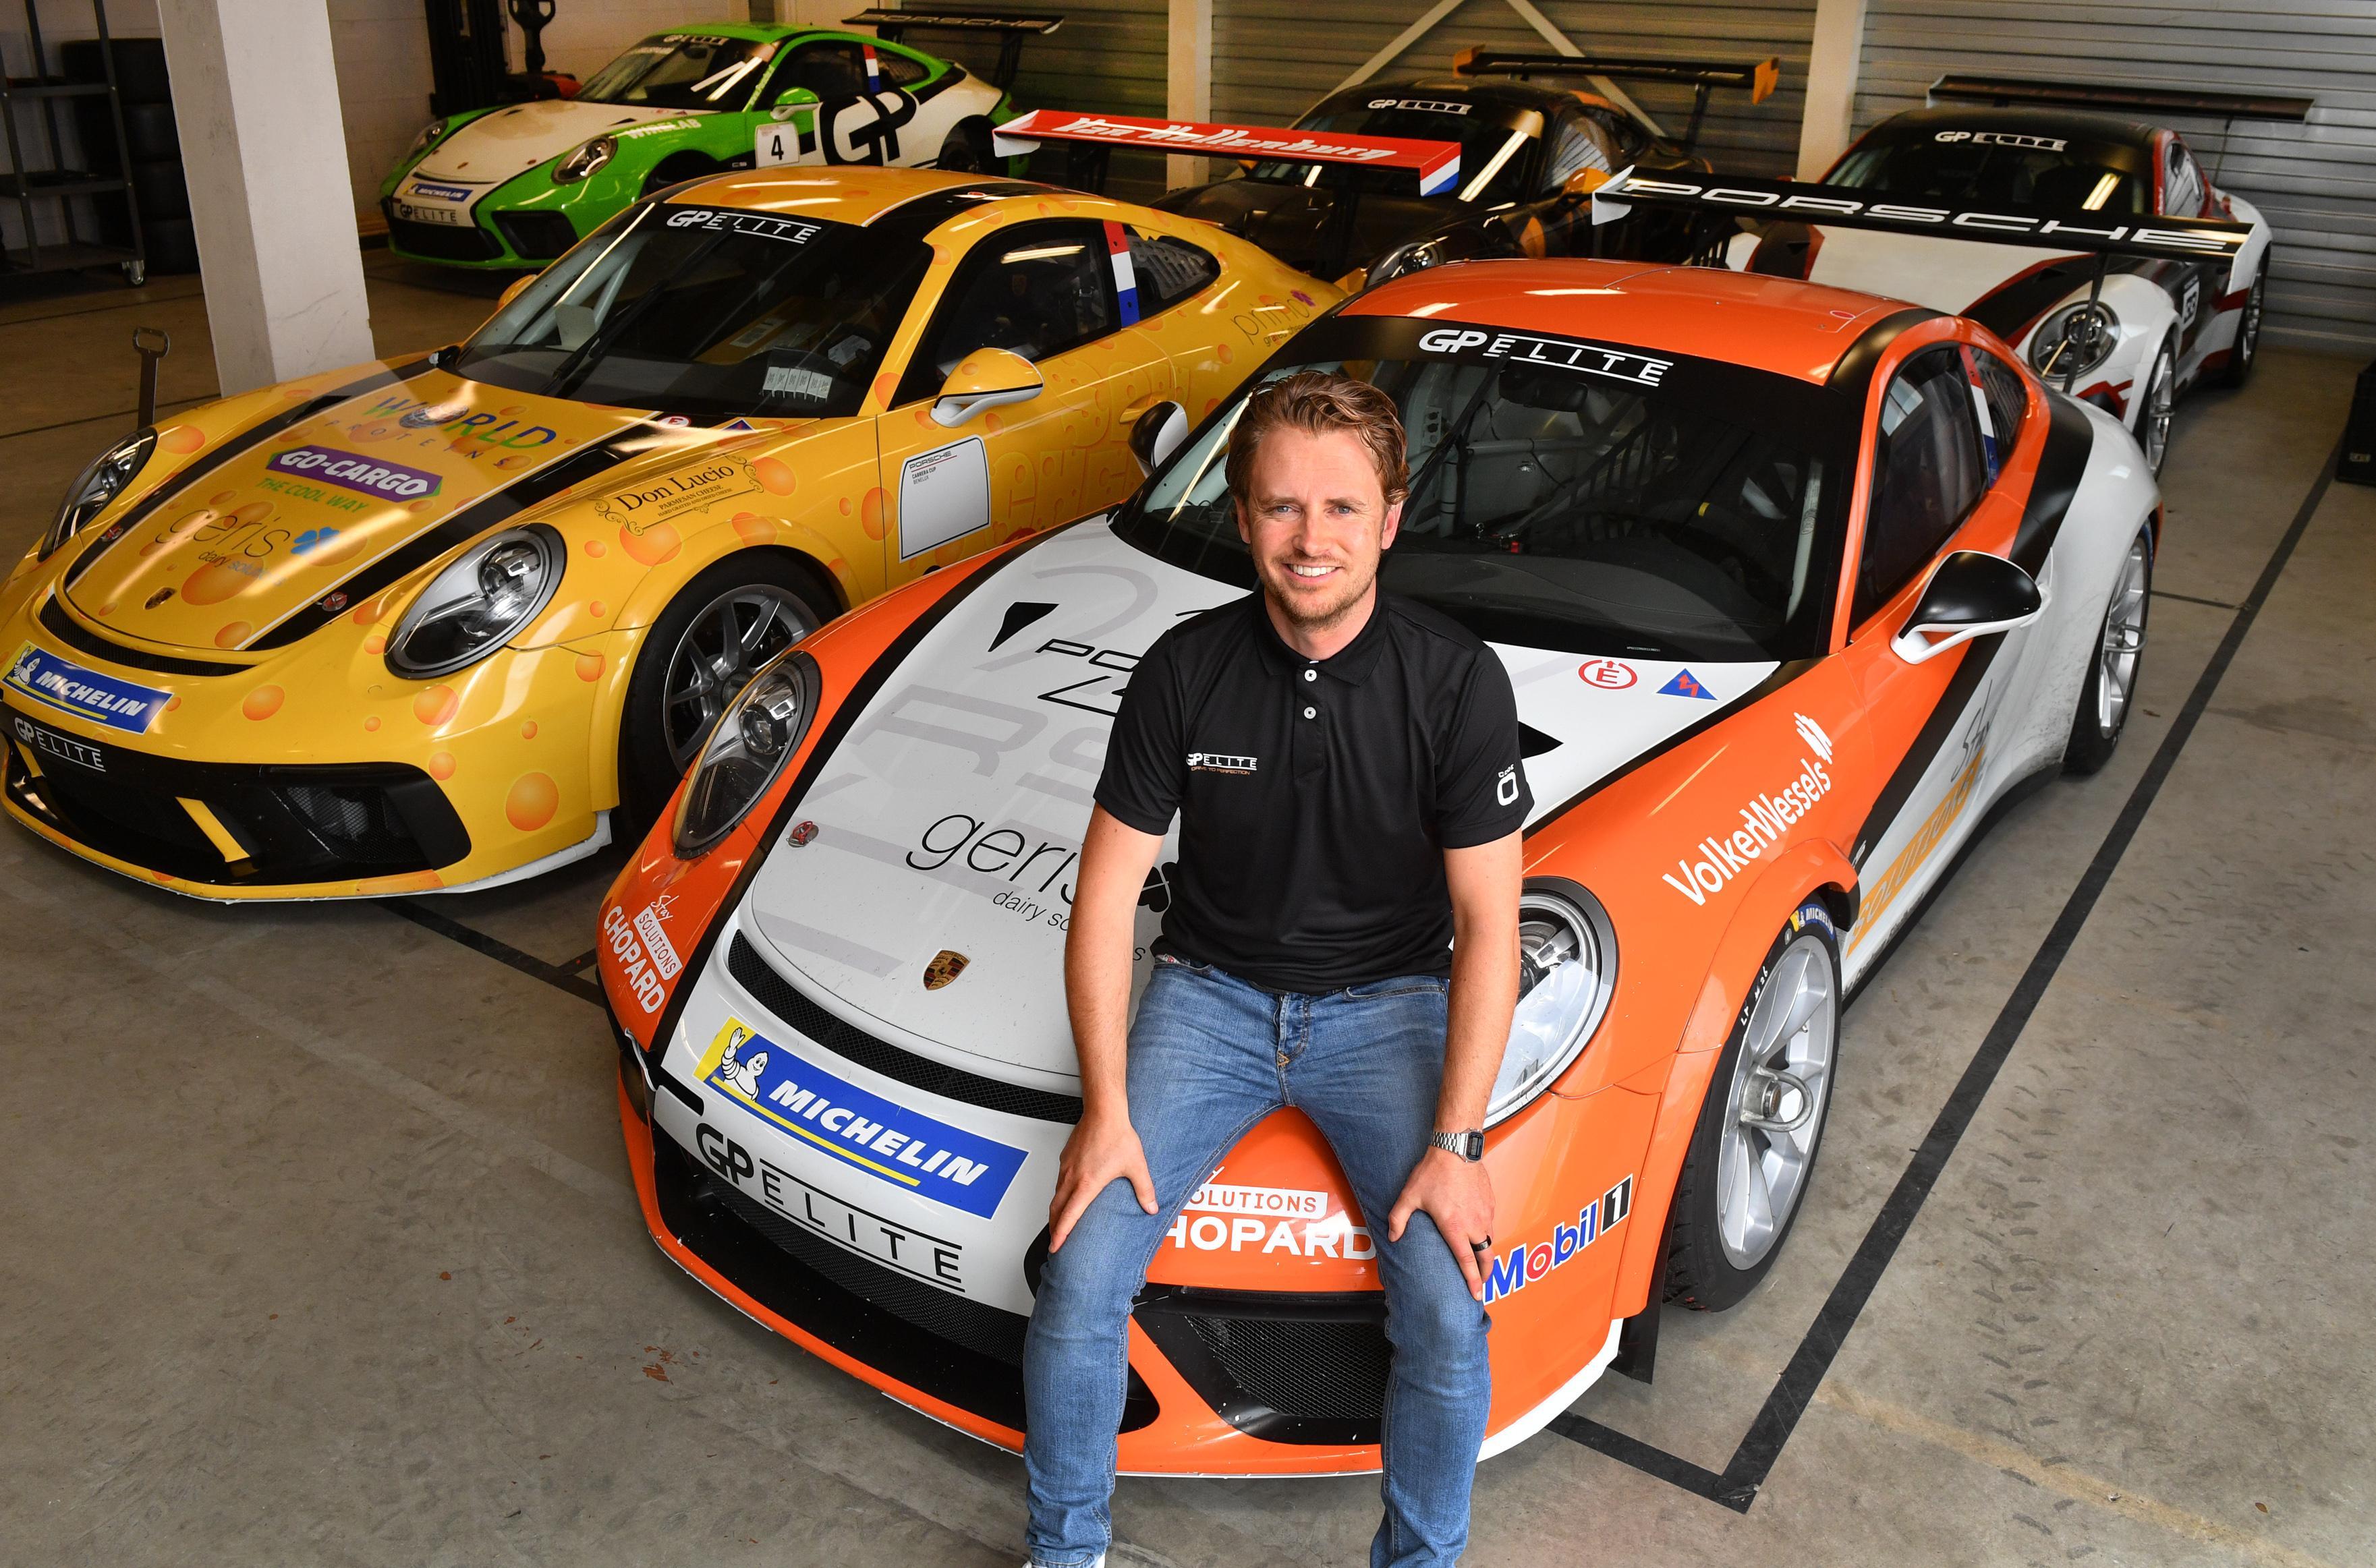 Marc Schipper met racebedrijf in debuutjaar meteen bij de wereldtop van de Porsche Supercup: Waar Max Verstappen nog moet wachten, won GP Elite al een race tijdens een F1-weekend